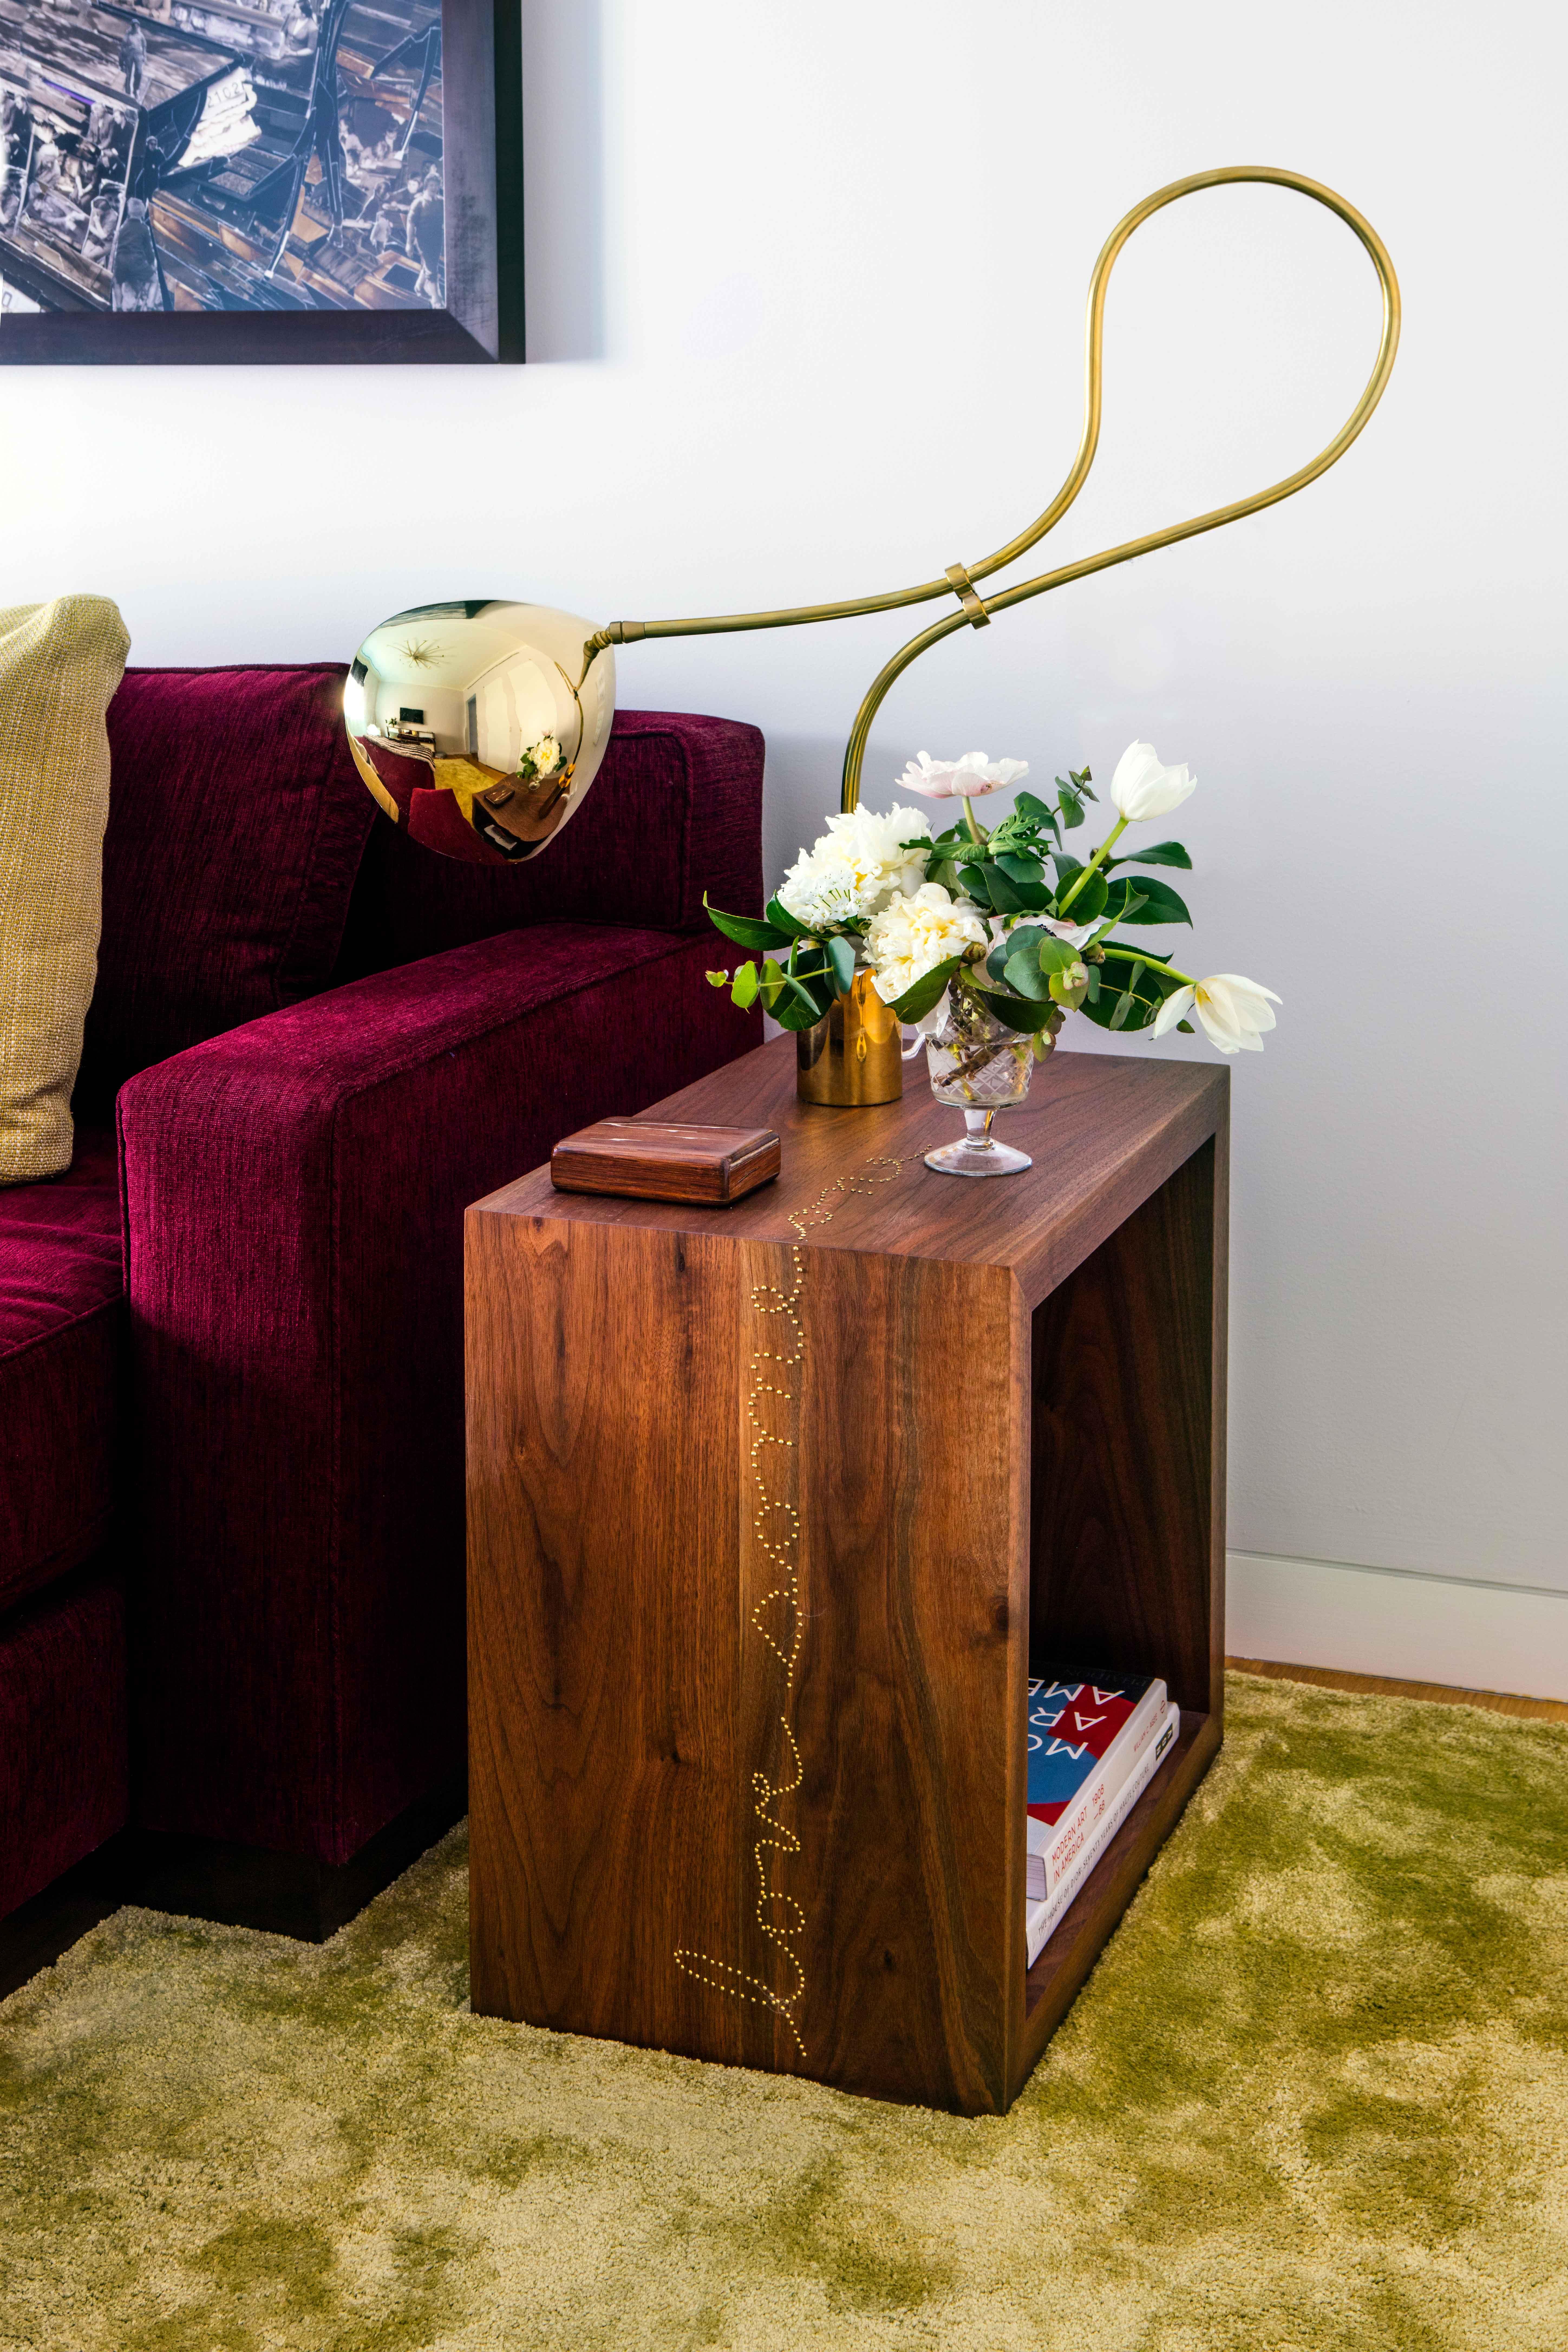 7-harrison-living-room-side-table-nicole-fuller